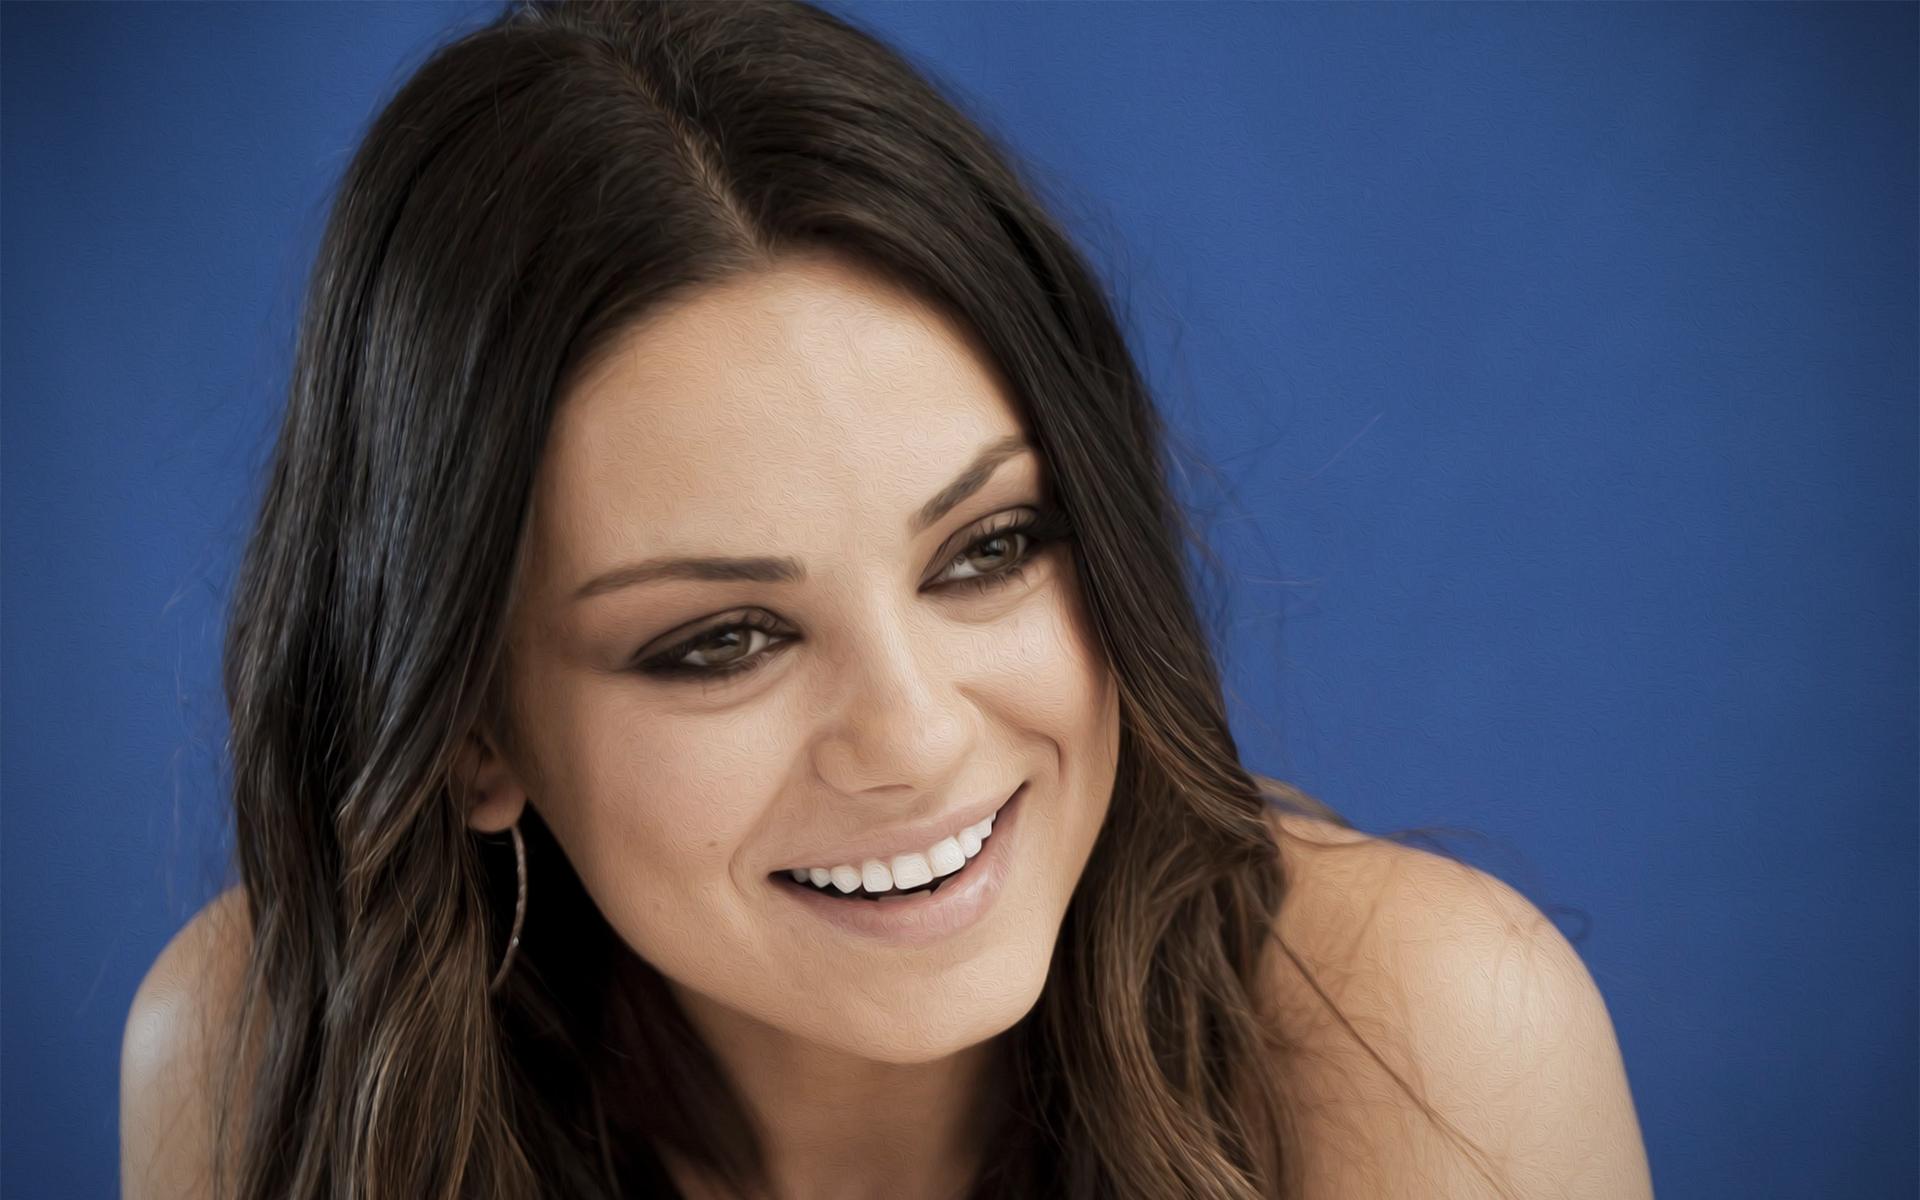 Mila Kunis Oz Interview goes Viral - GeekShizzle Mila Kunis